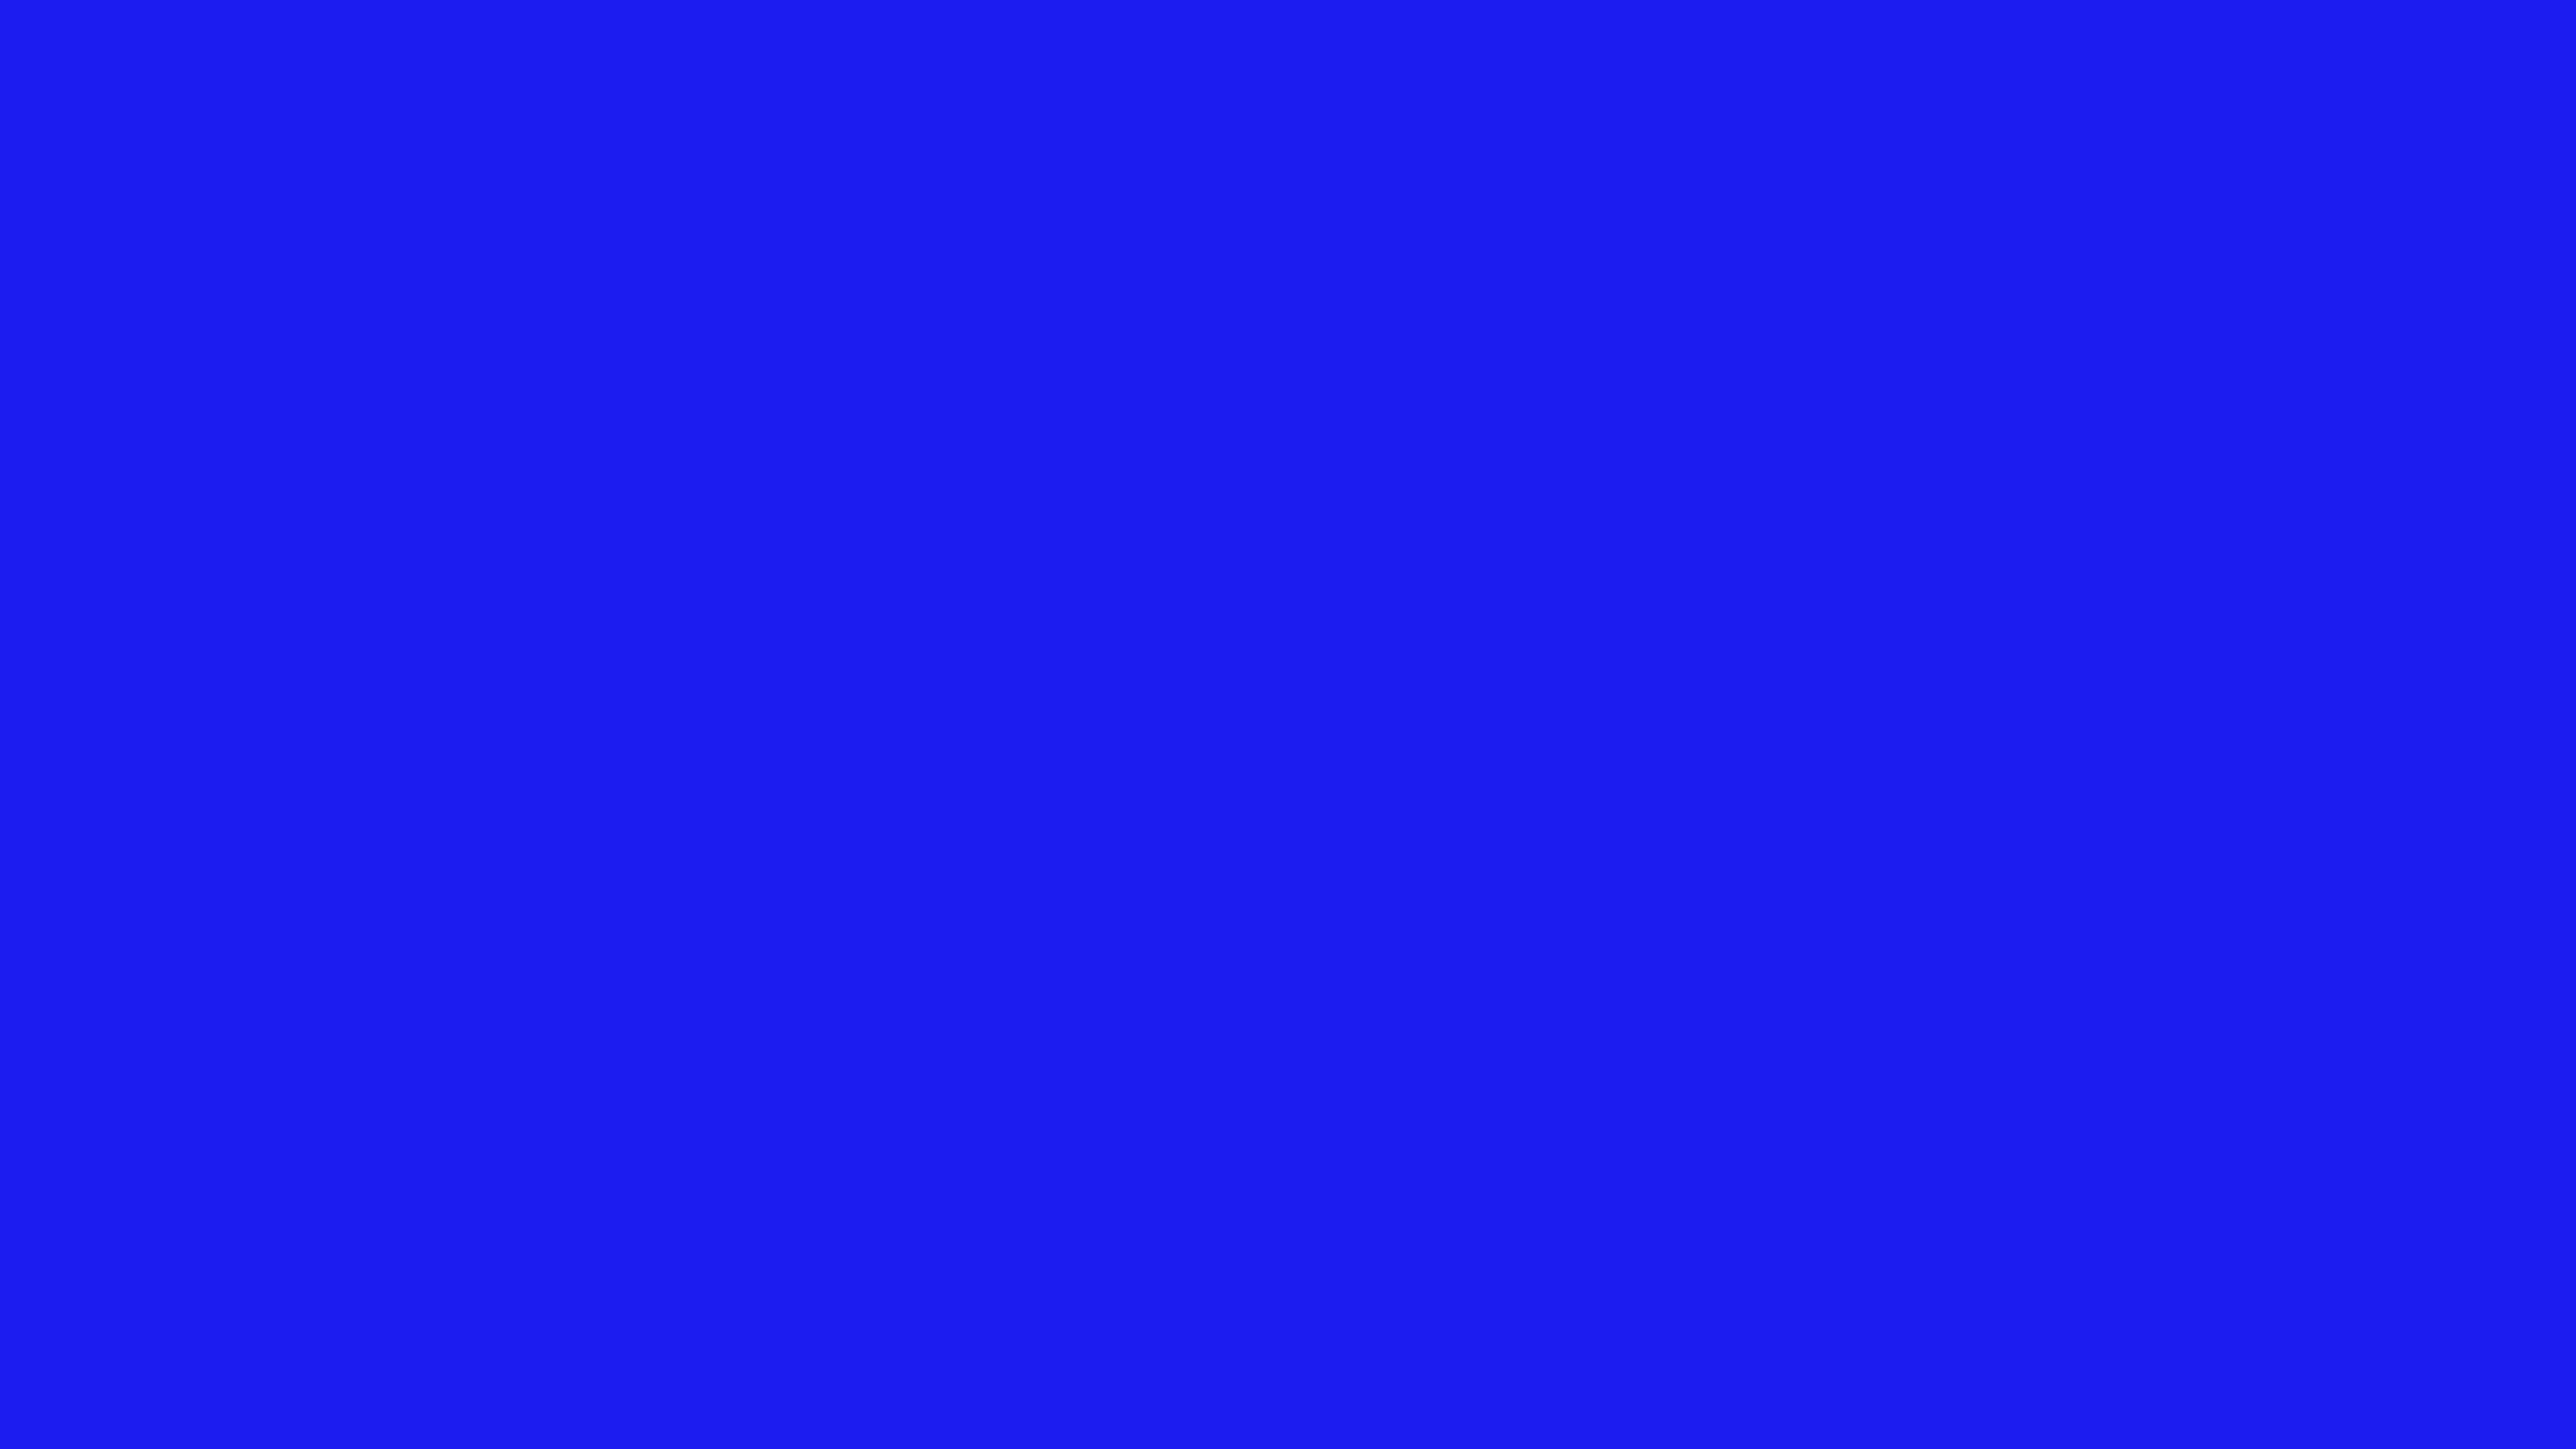 4096x2304 Bluebonnet Solid Color Background